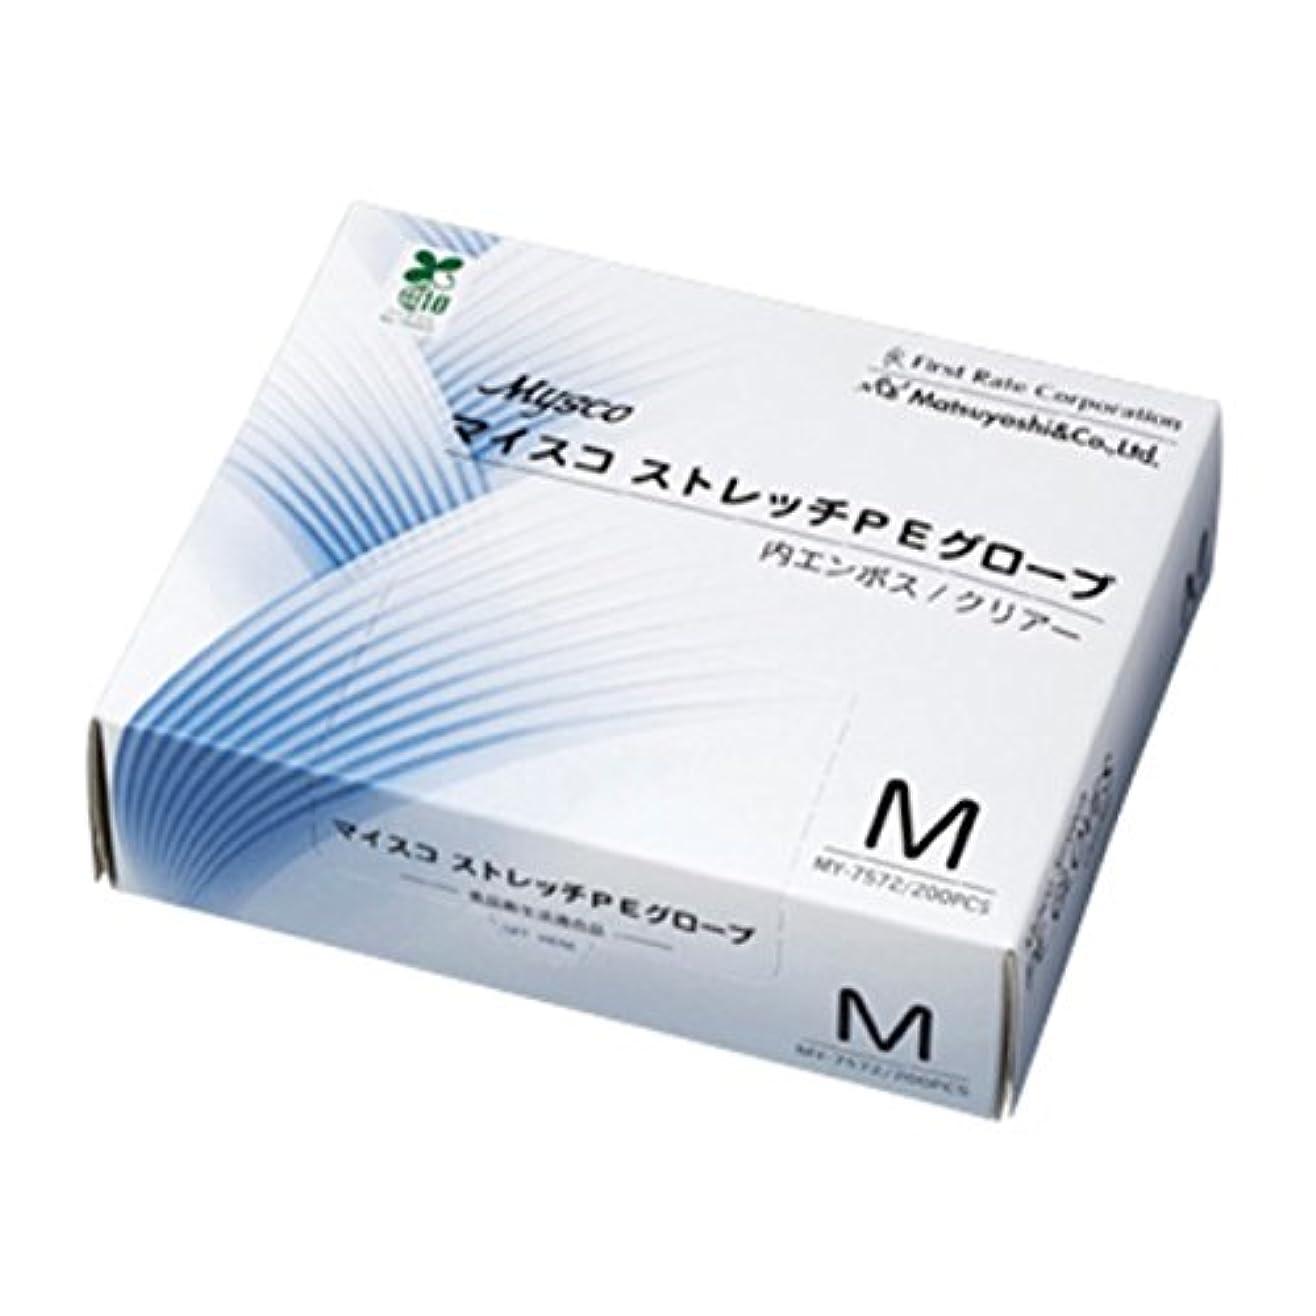 馬鹿かび臭い発動機【ケース販売】マイスコ ストレッチPEグローブ M 200枚入×40箱